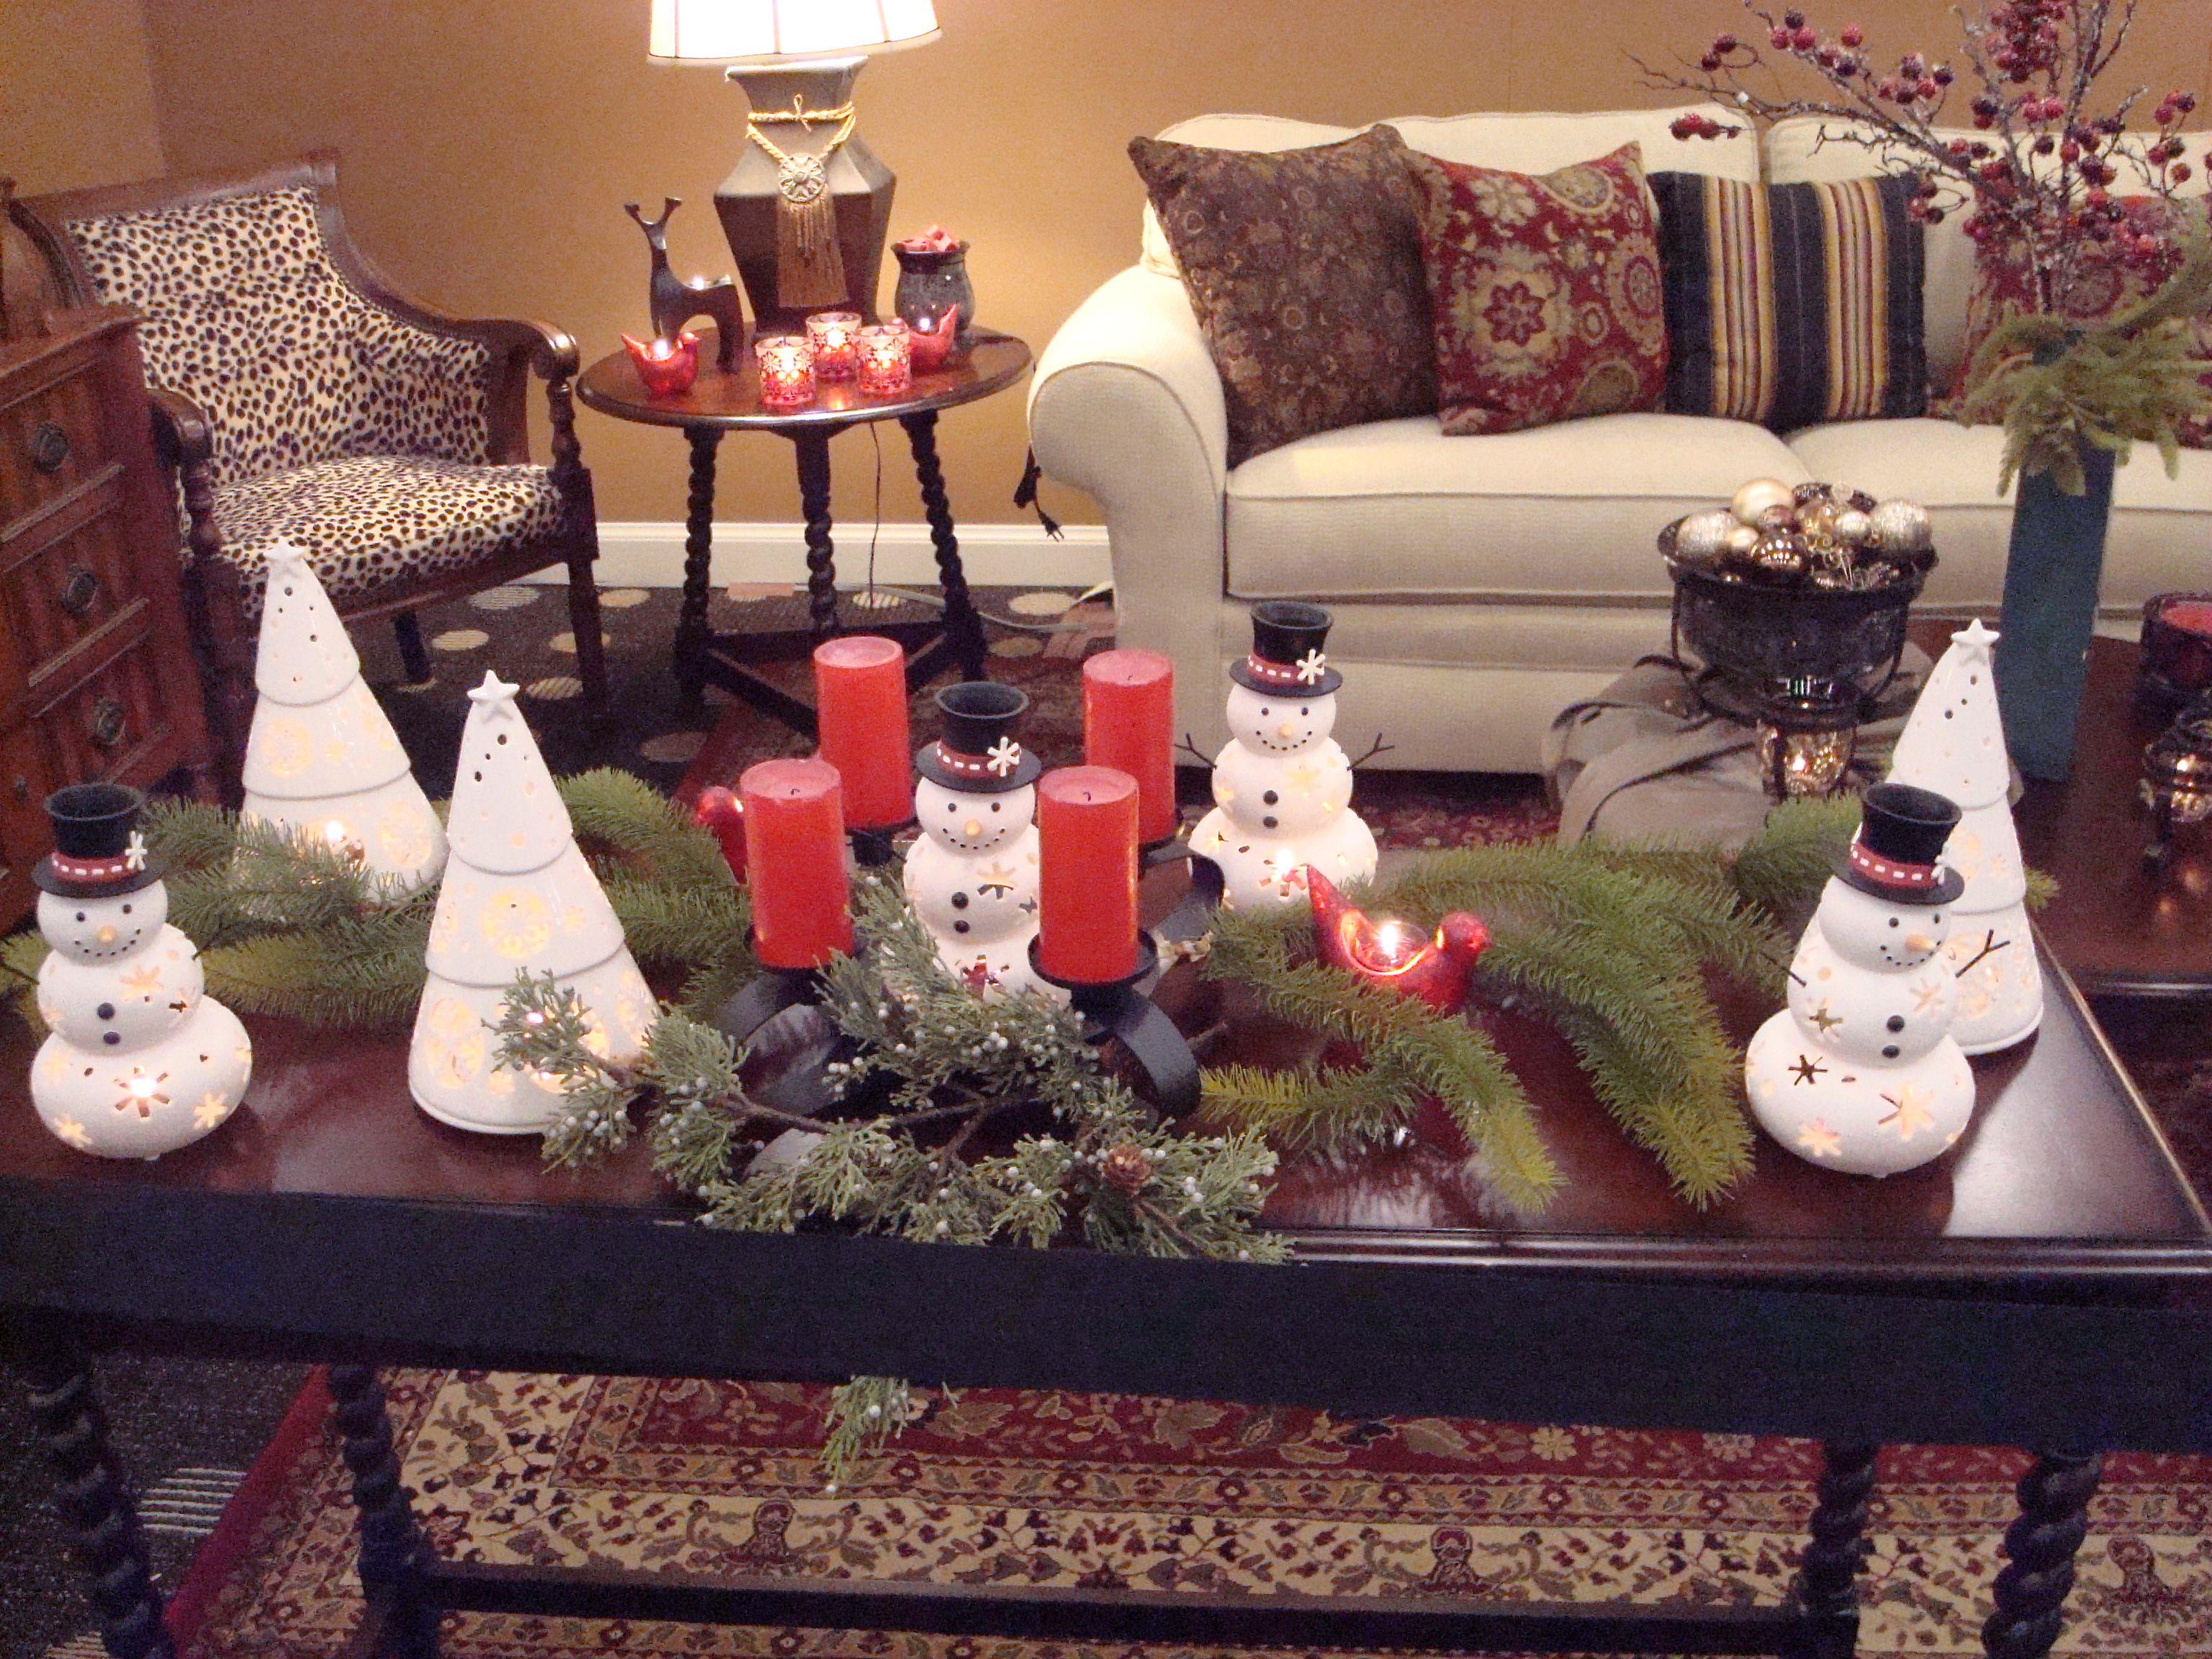 Holiday Coffee Table Decor Christmas Coffee Table Decor Table Decorations Decorating Coffee Tables